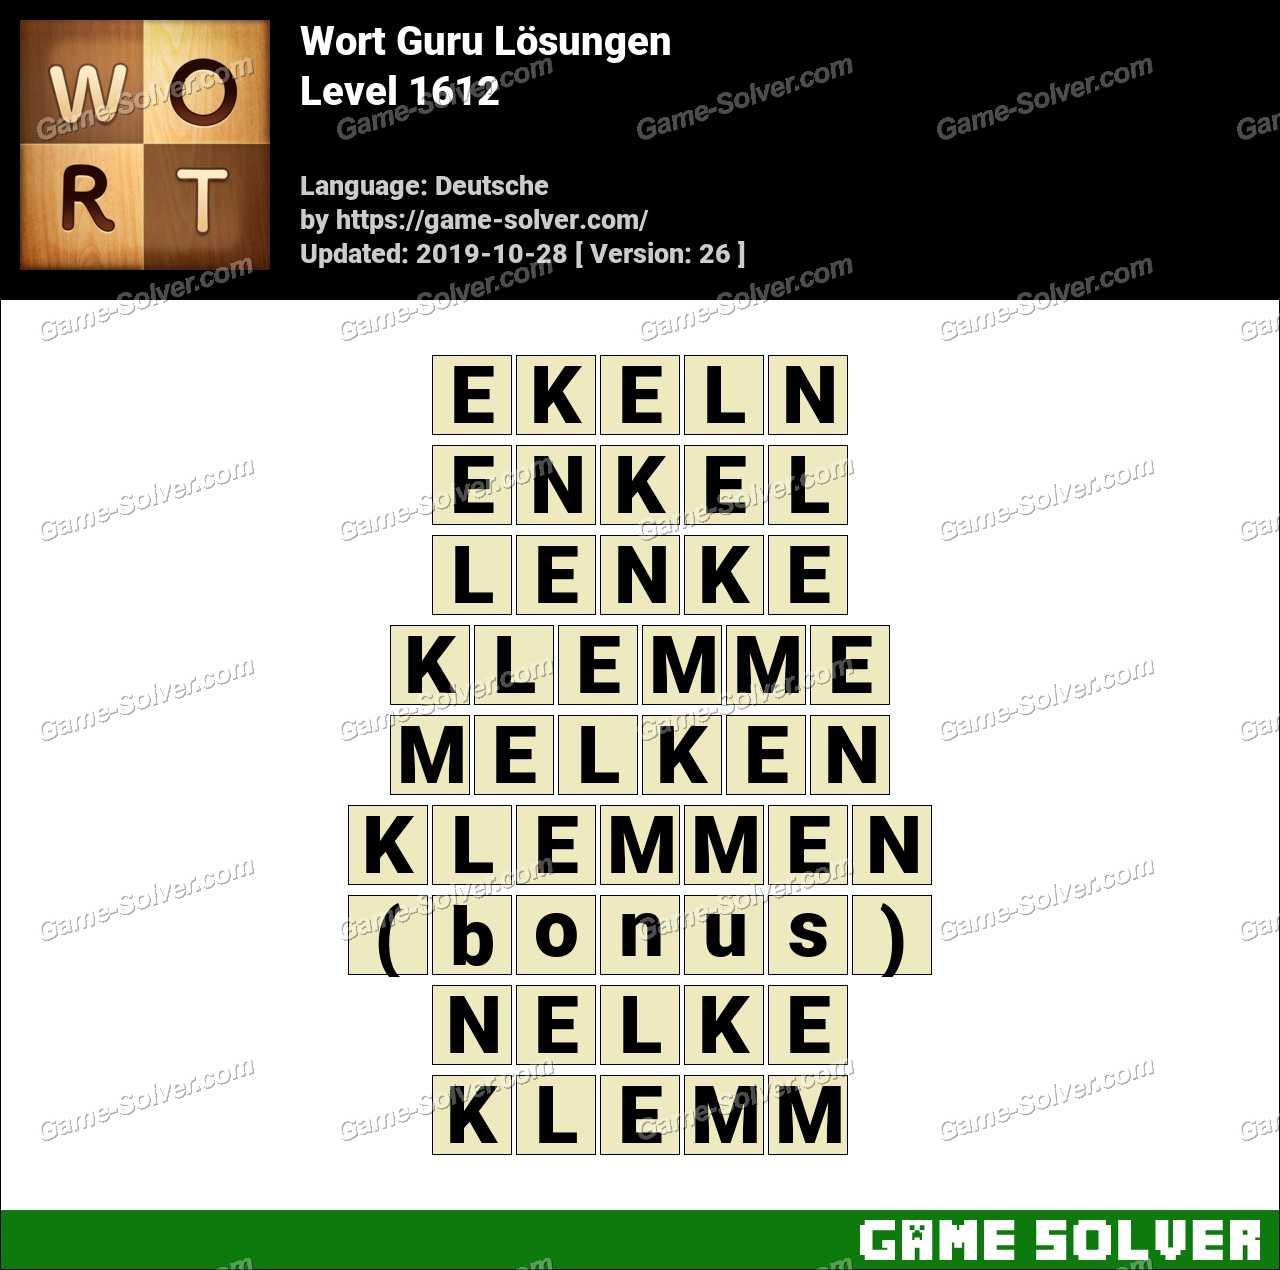 Wort Guru Level 1612 Lösungen